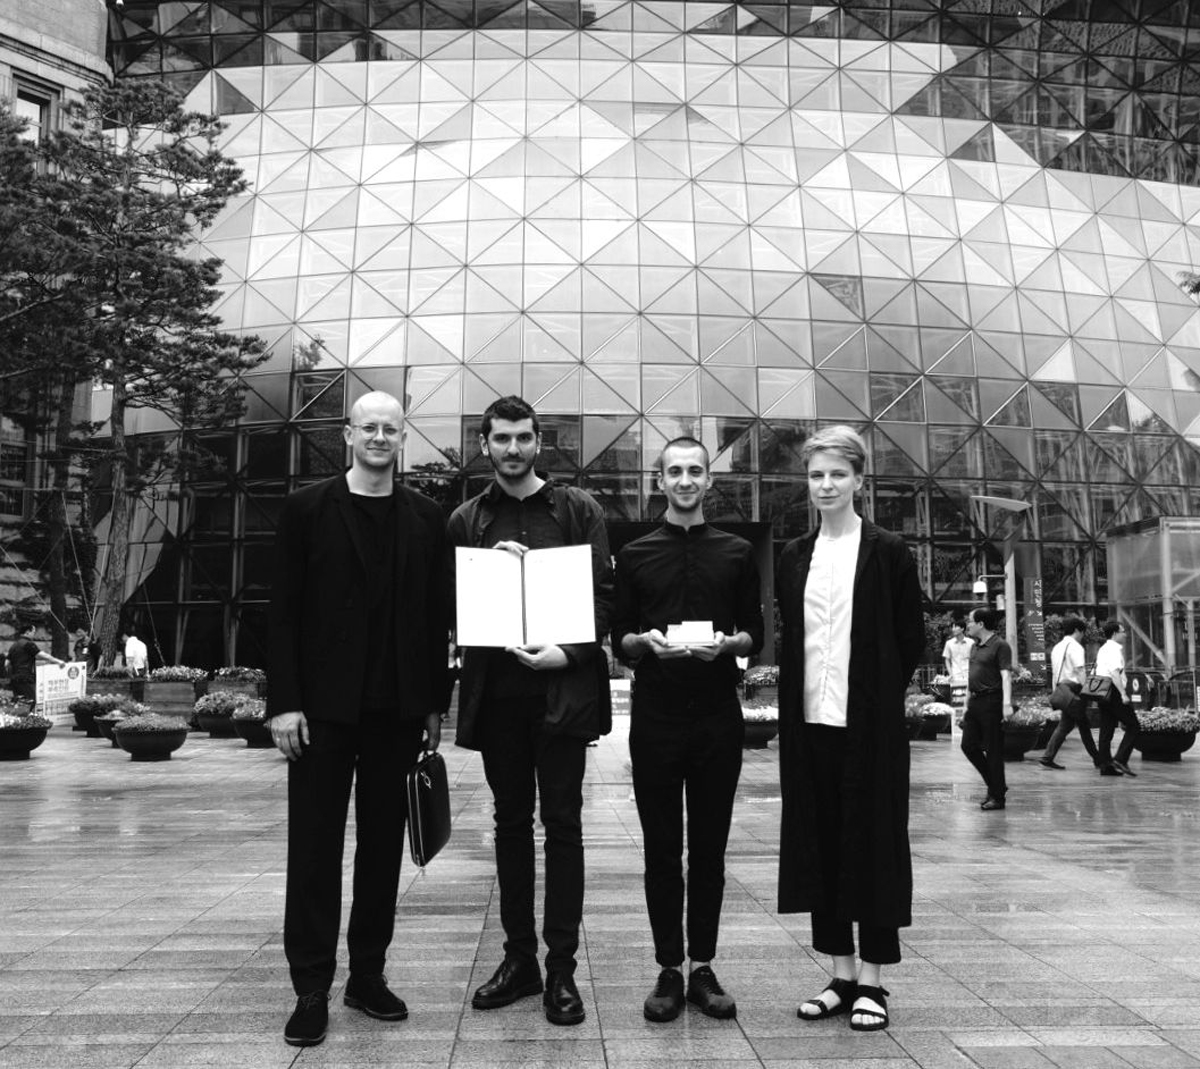 Vilniaus architektų grupė KILD – Petras Išora, Ivane Ksnelashvili, Dominykas Daunys, Ona Lozuraitytė – atsiėmė tarptautinį apdovanojimą Seulo savivaldybėje. Foto: asmenukė